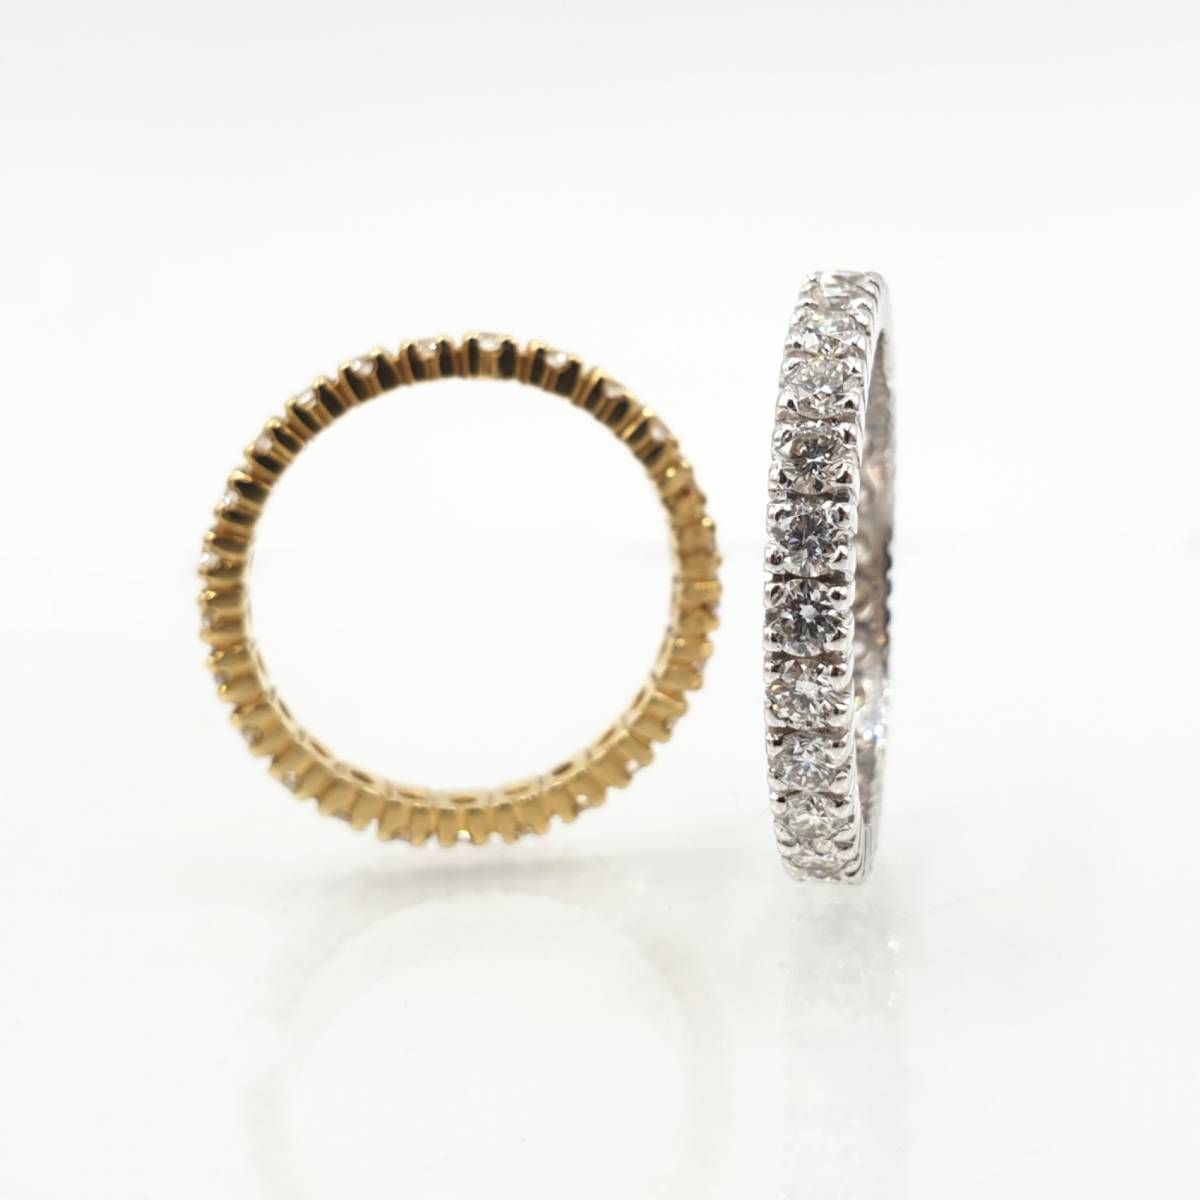 Juwelen-De-Waele-Juwelen-House-of-Weddings-_1_